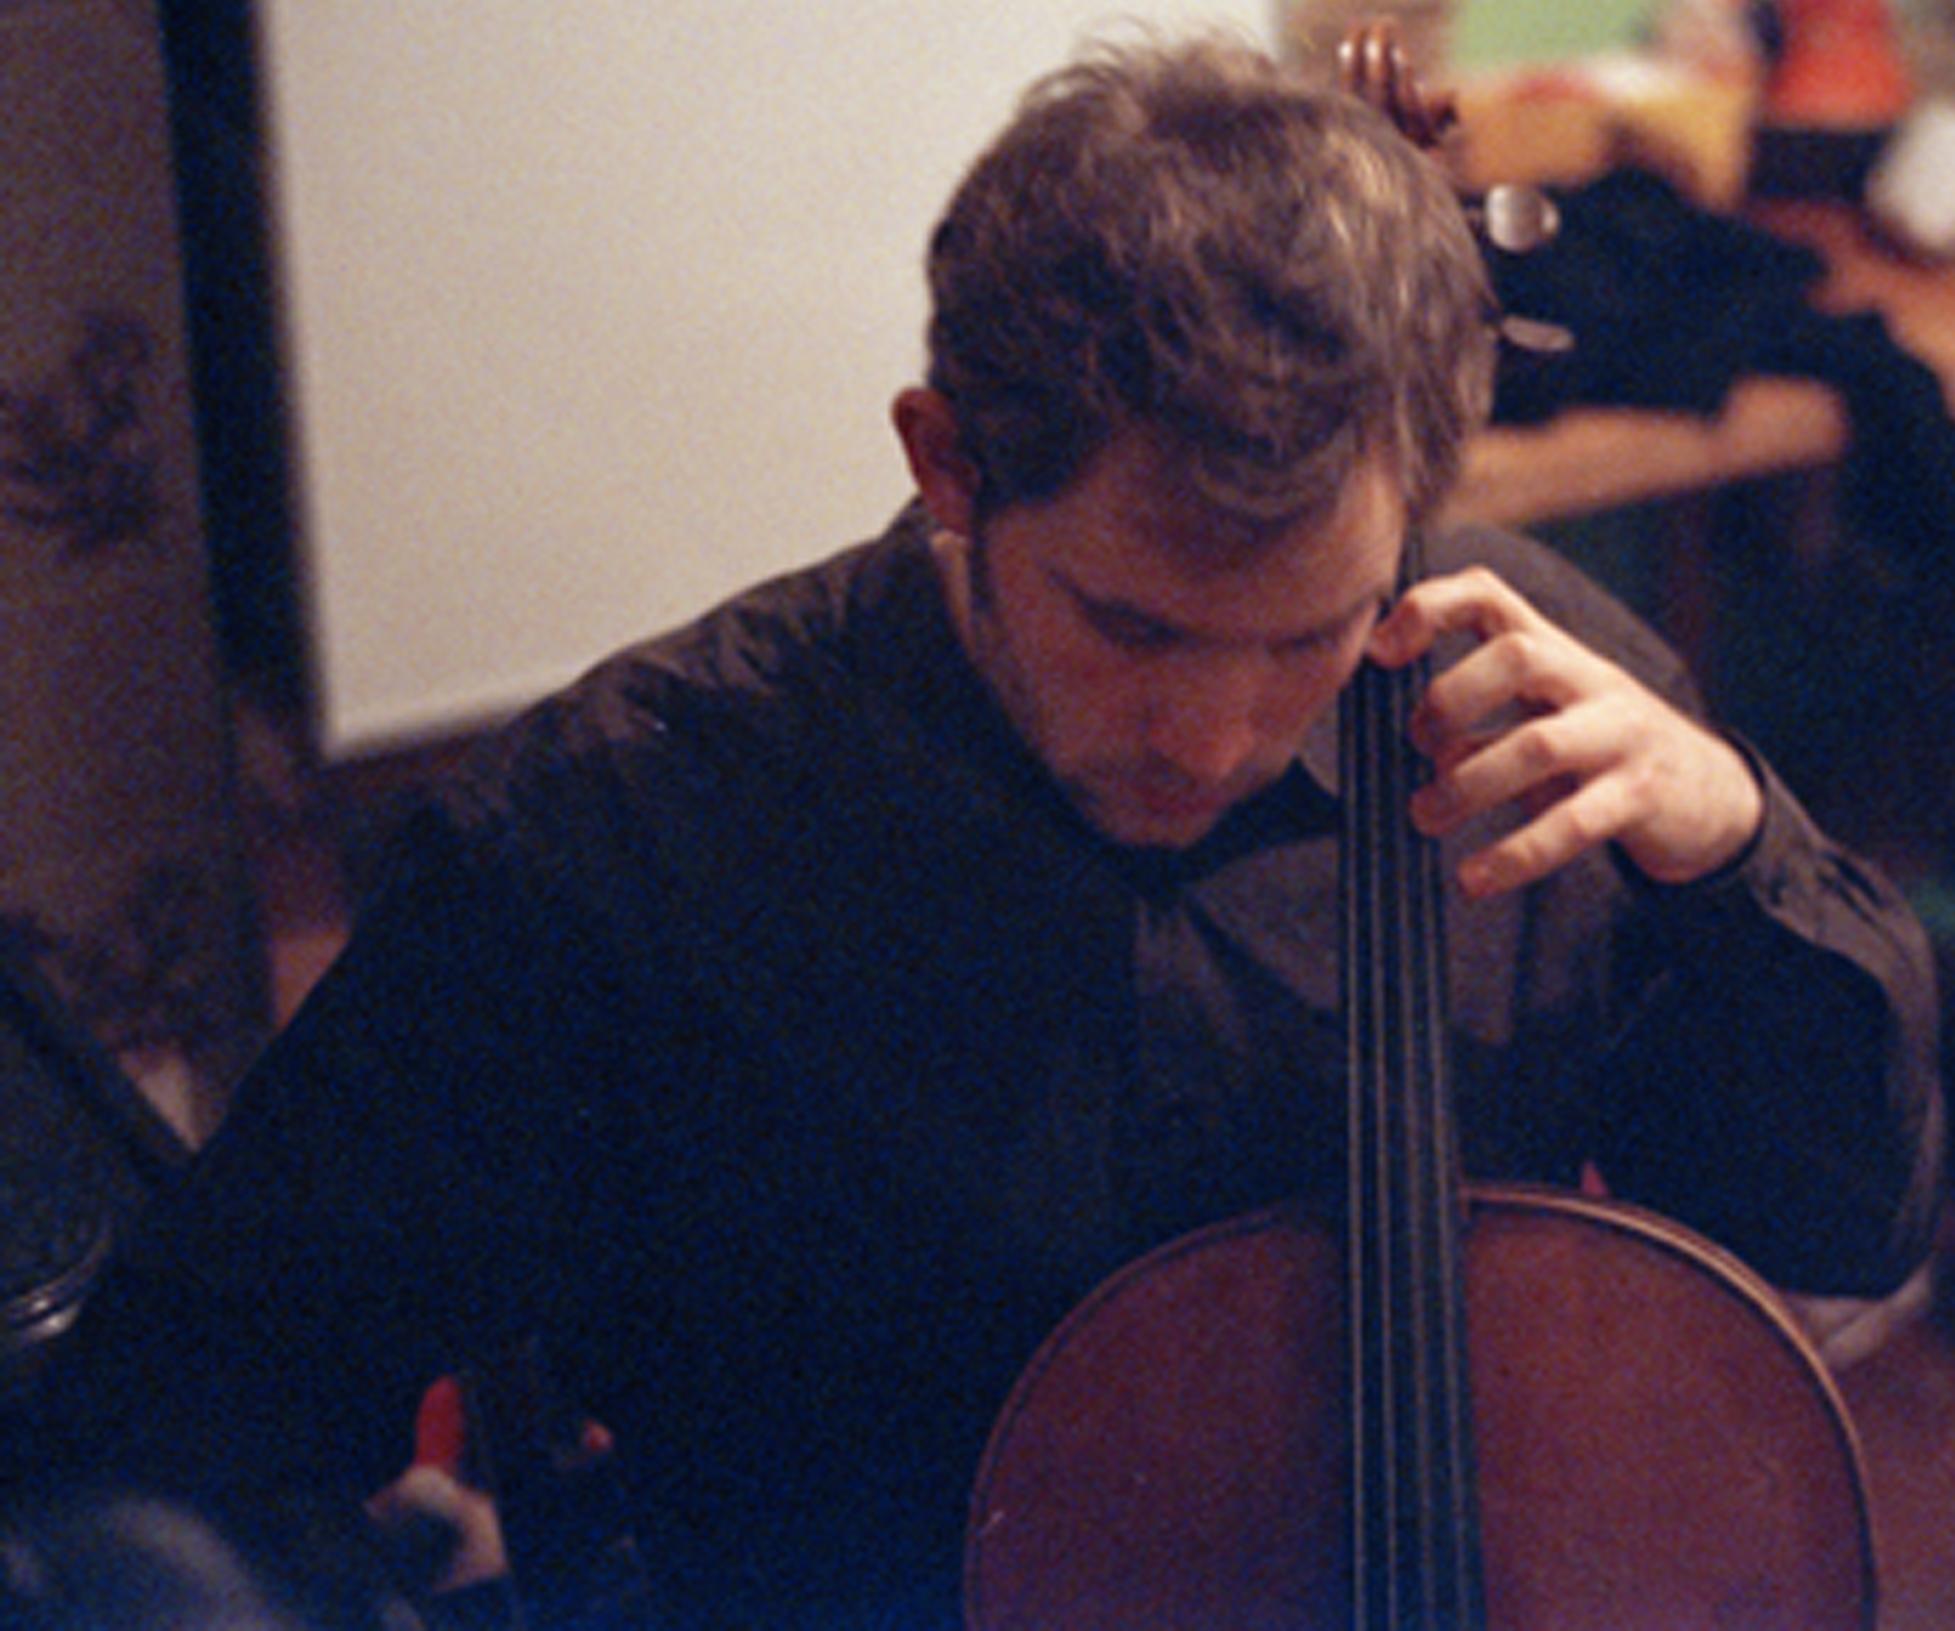 cello spielen lernen